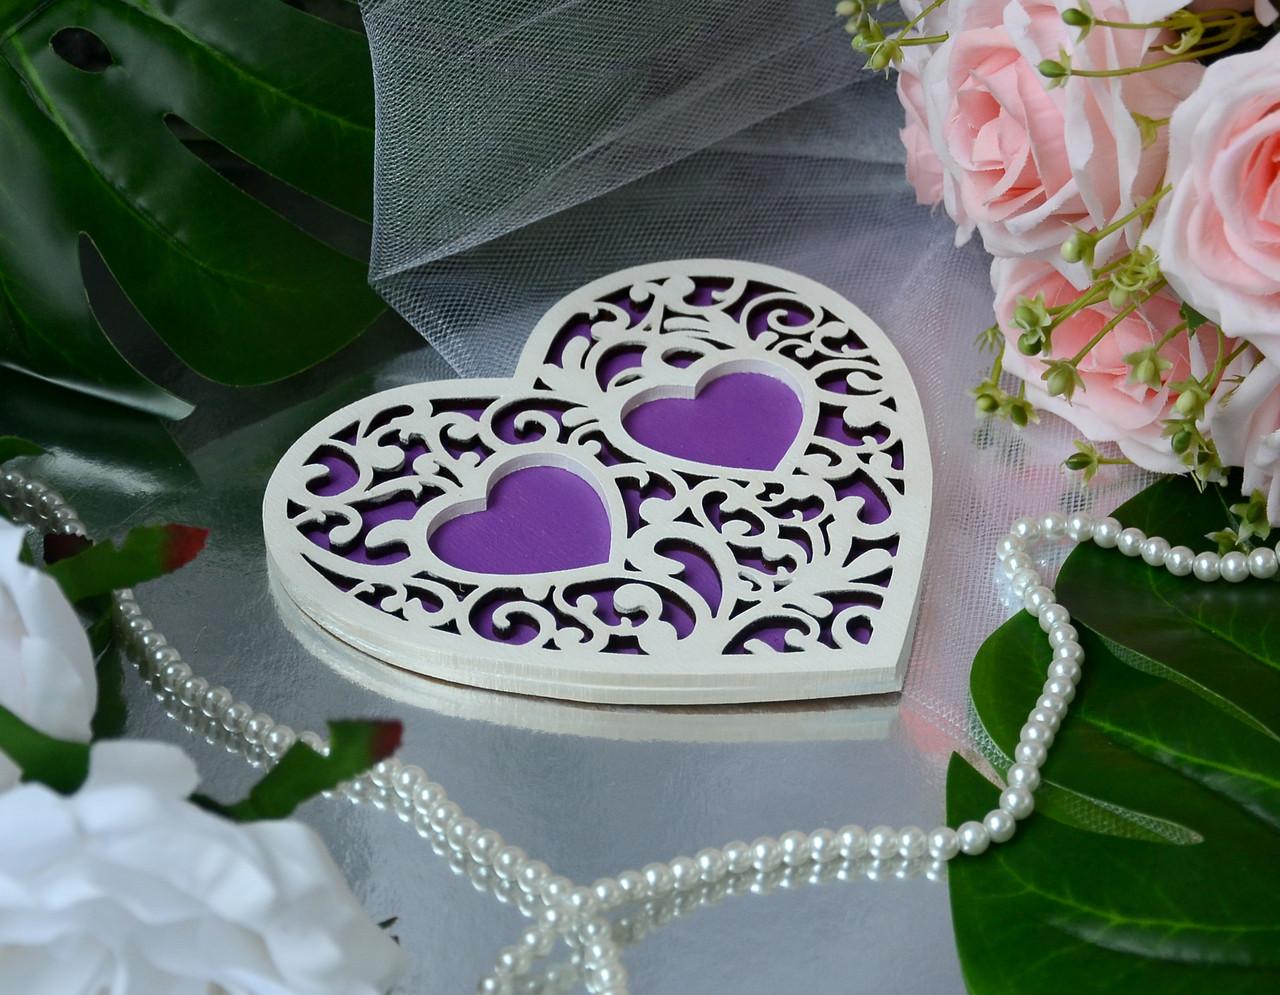 Деревянная подставка для обручальных колец с белым узором в фиолетовом цвете